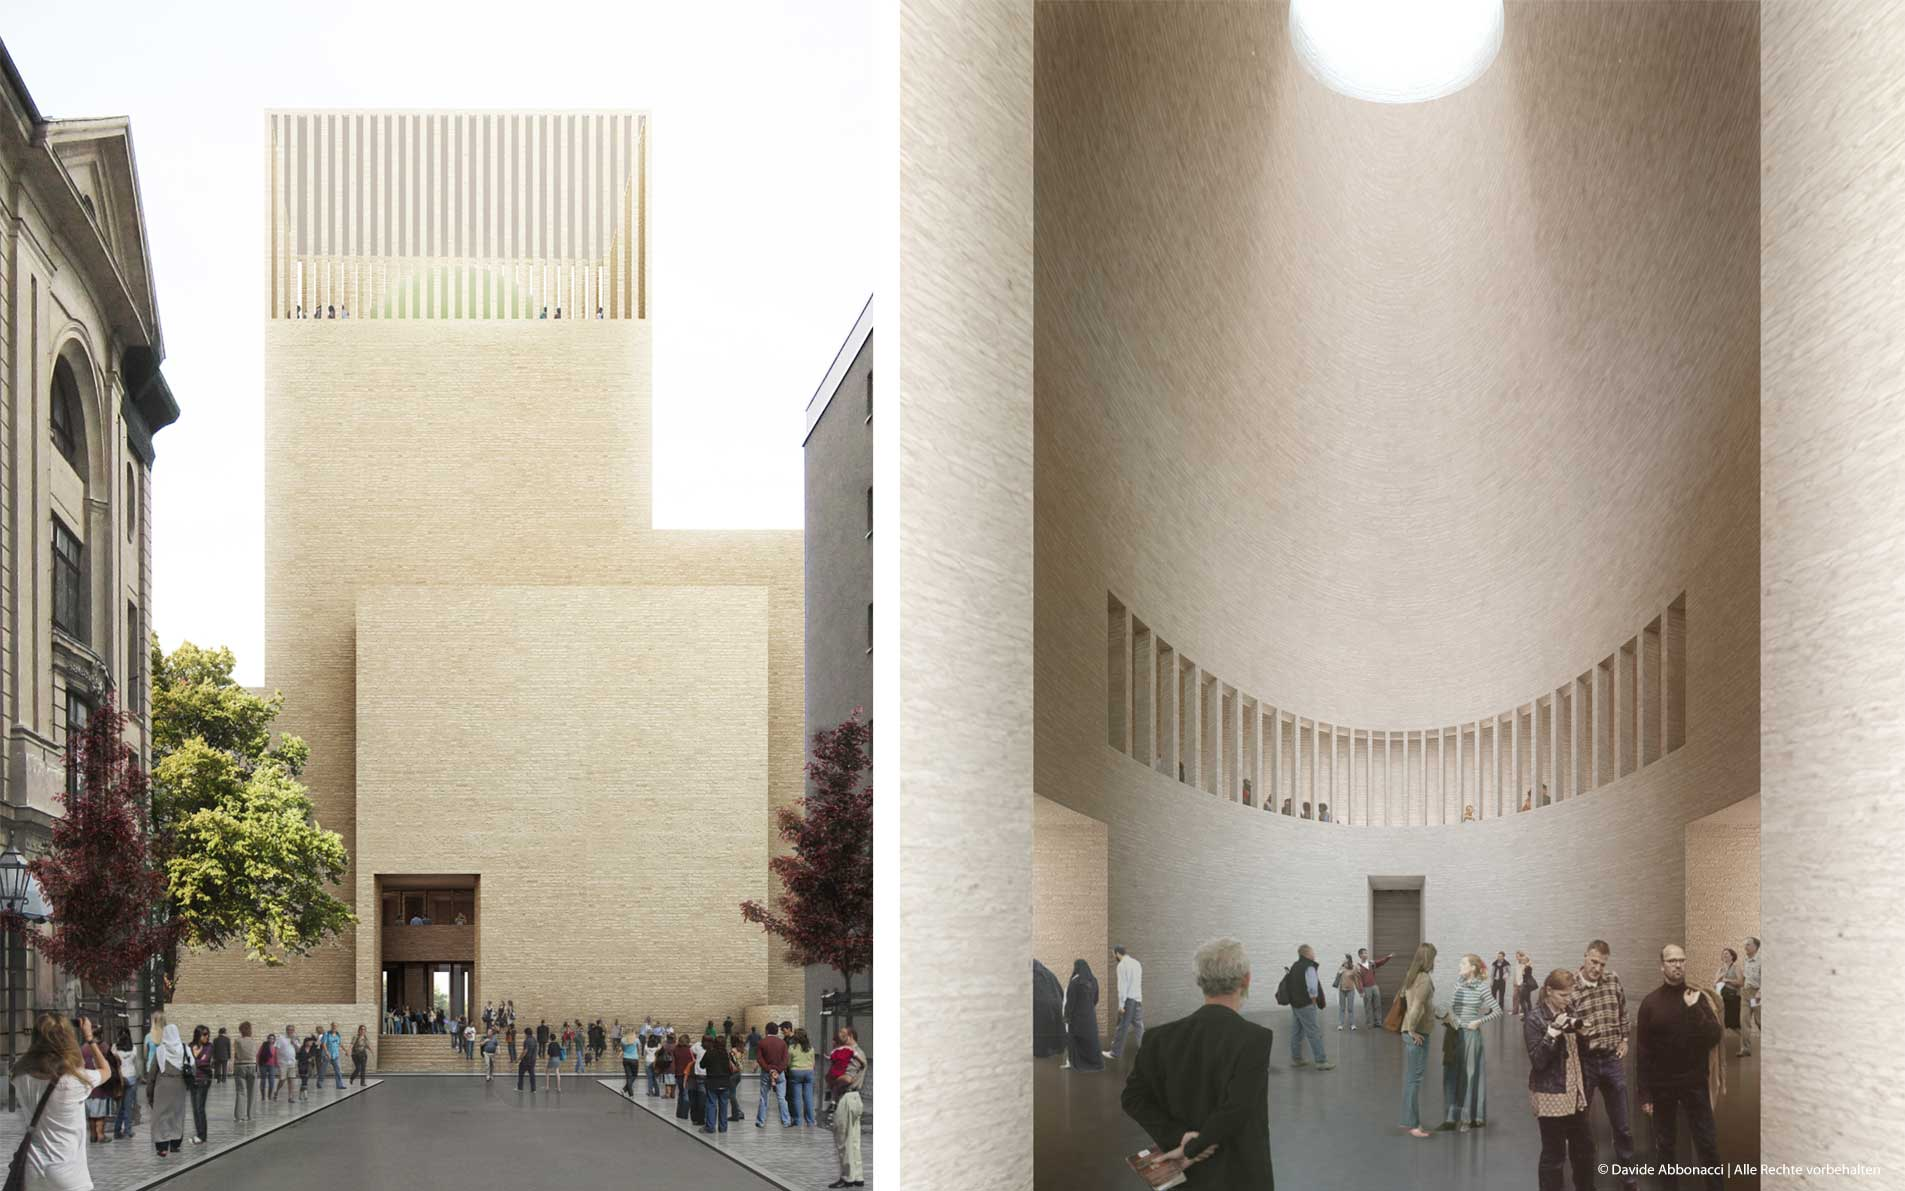 Bet- und Lehrhaus Petriplatz, Berlin | Kuehn Malvezzi Architekten | 2012 Wettbewerbsvisualisierung | 1. Preis